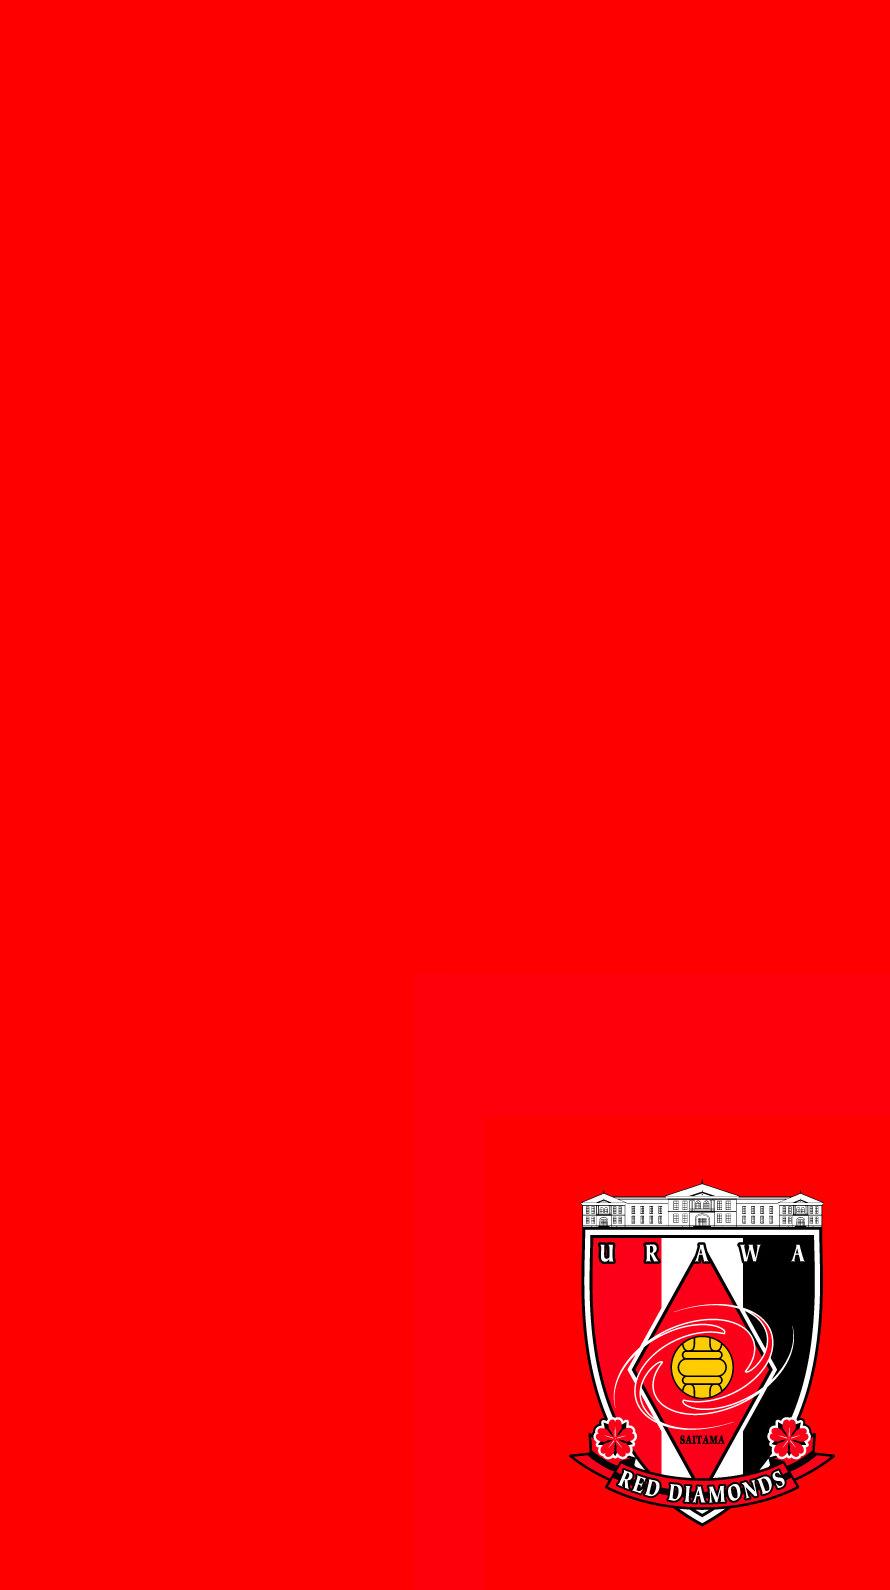 浦和レッドダイヤモンズ iPhone6壁紙